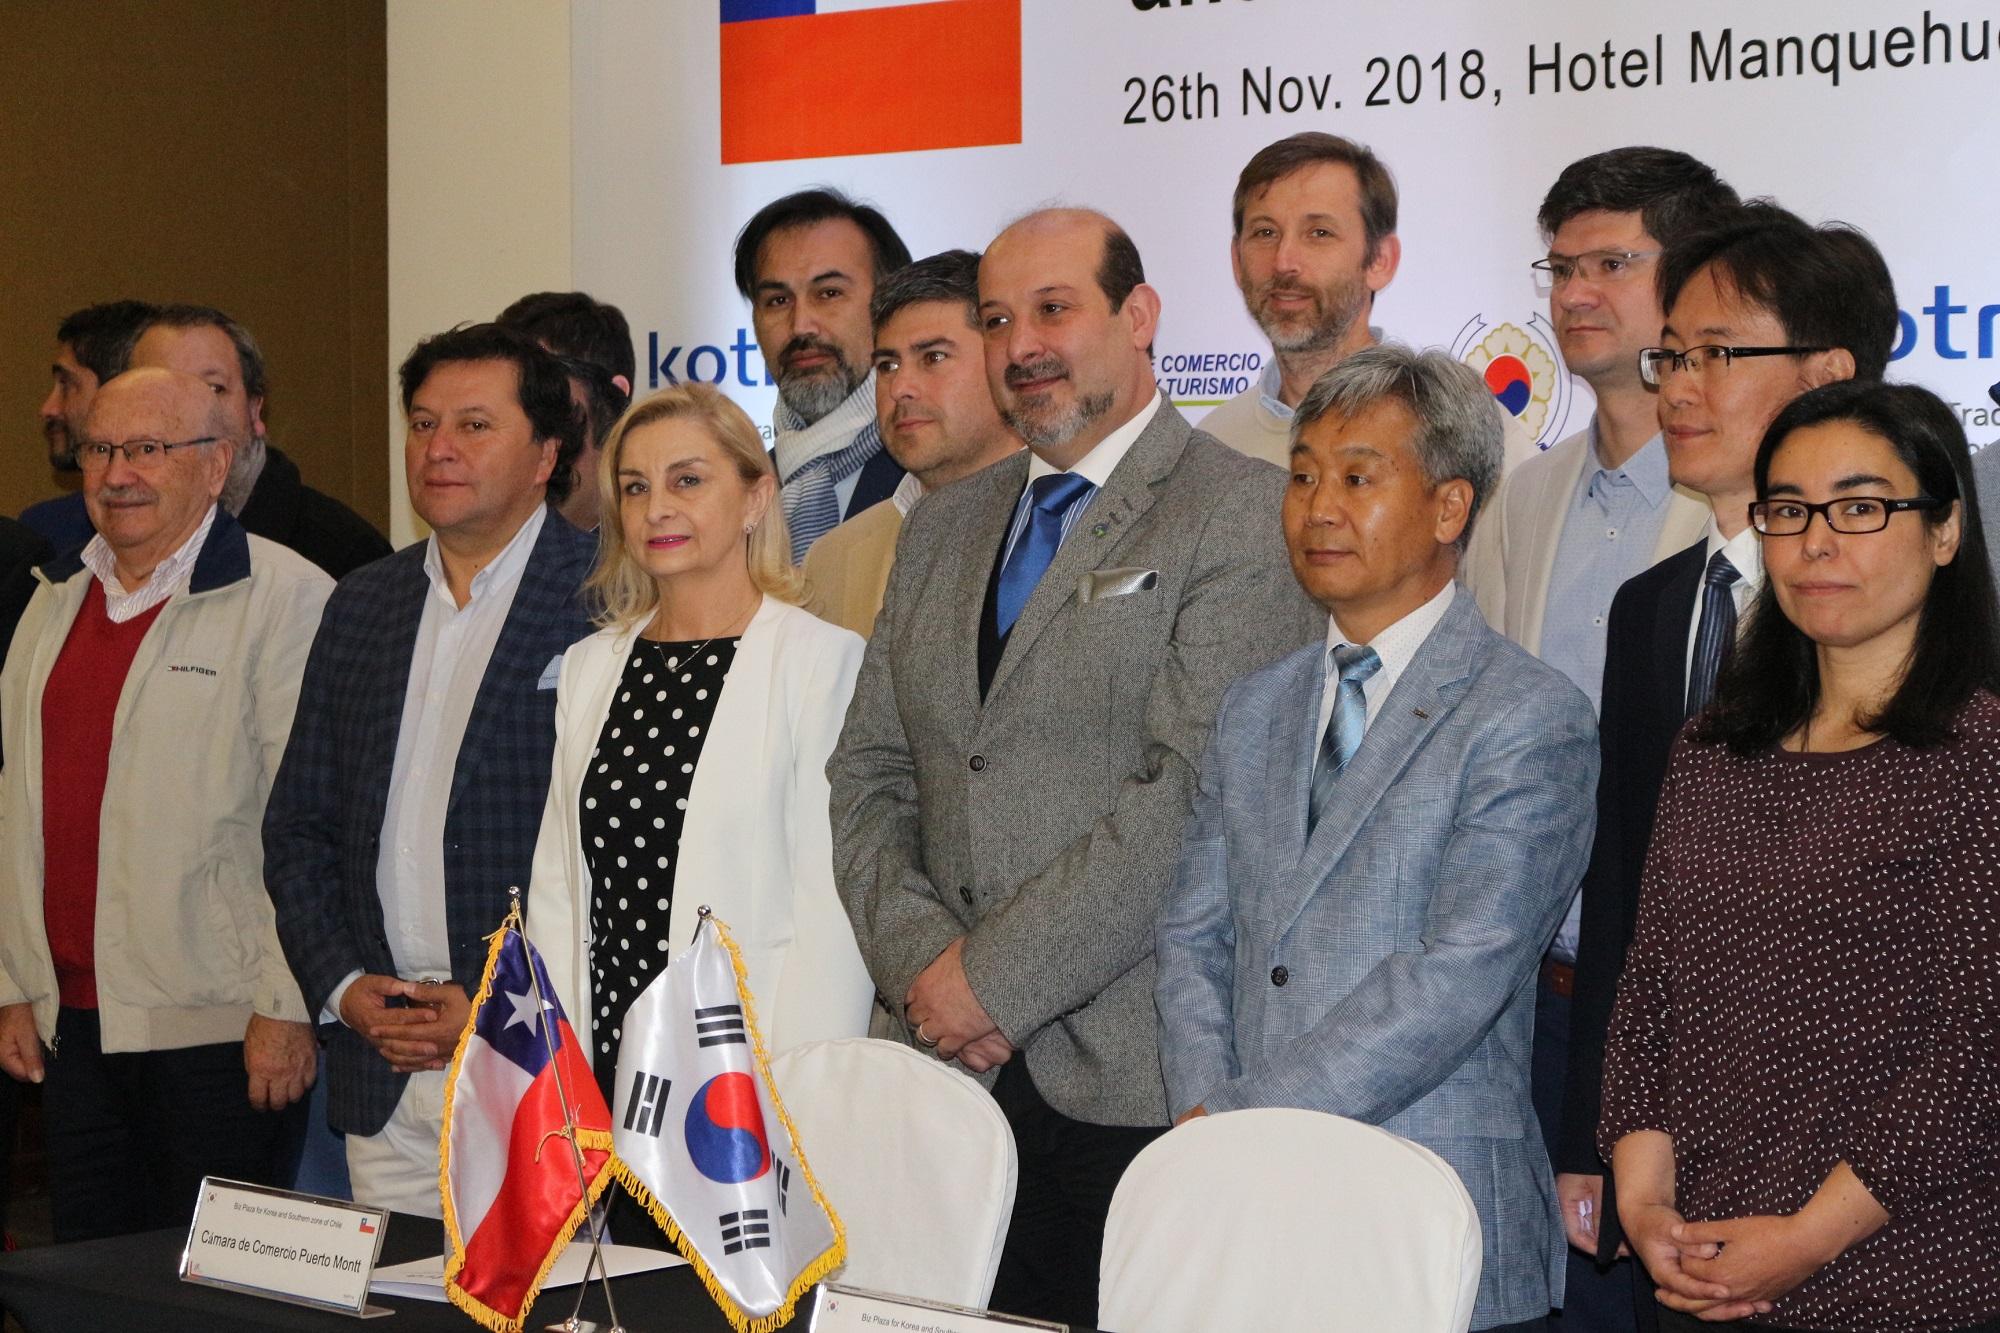 Cámara de Comercio suscribe acuerdo de cooperación con Embajada de Corea - Diario Puerto Varas